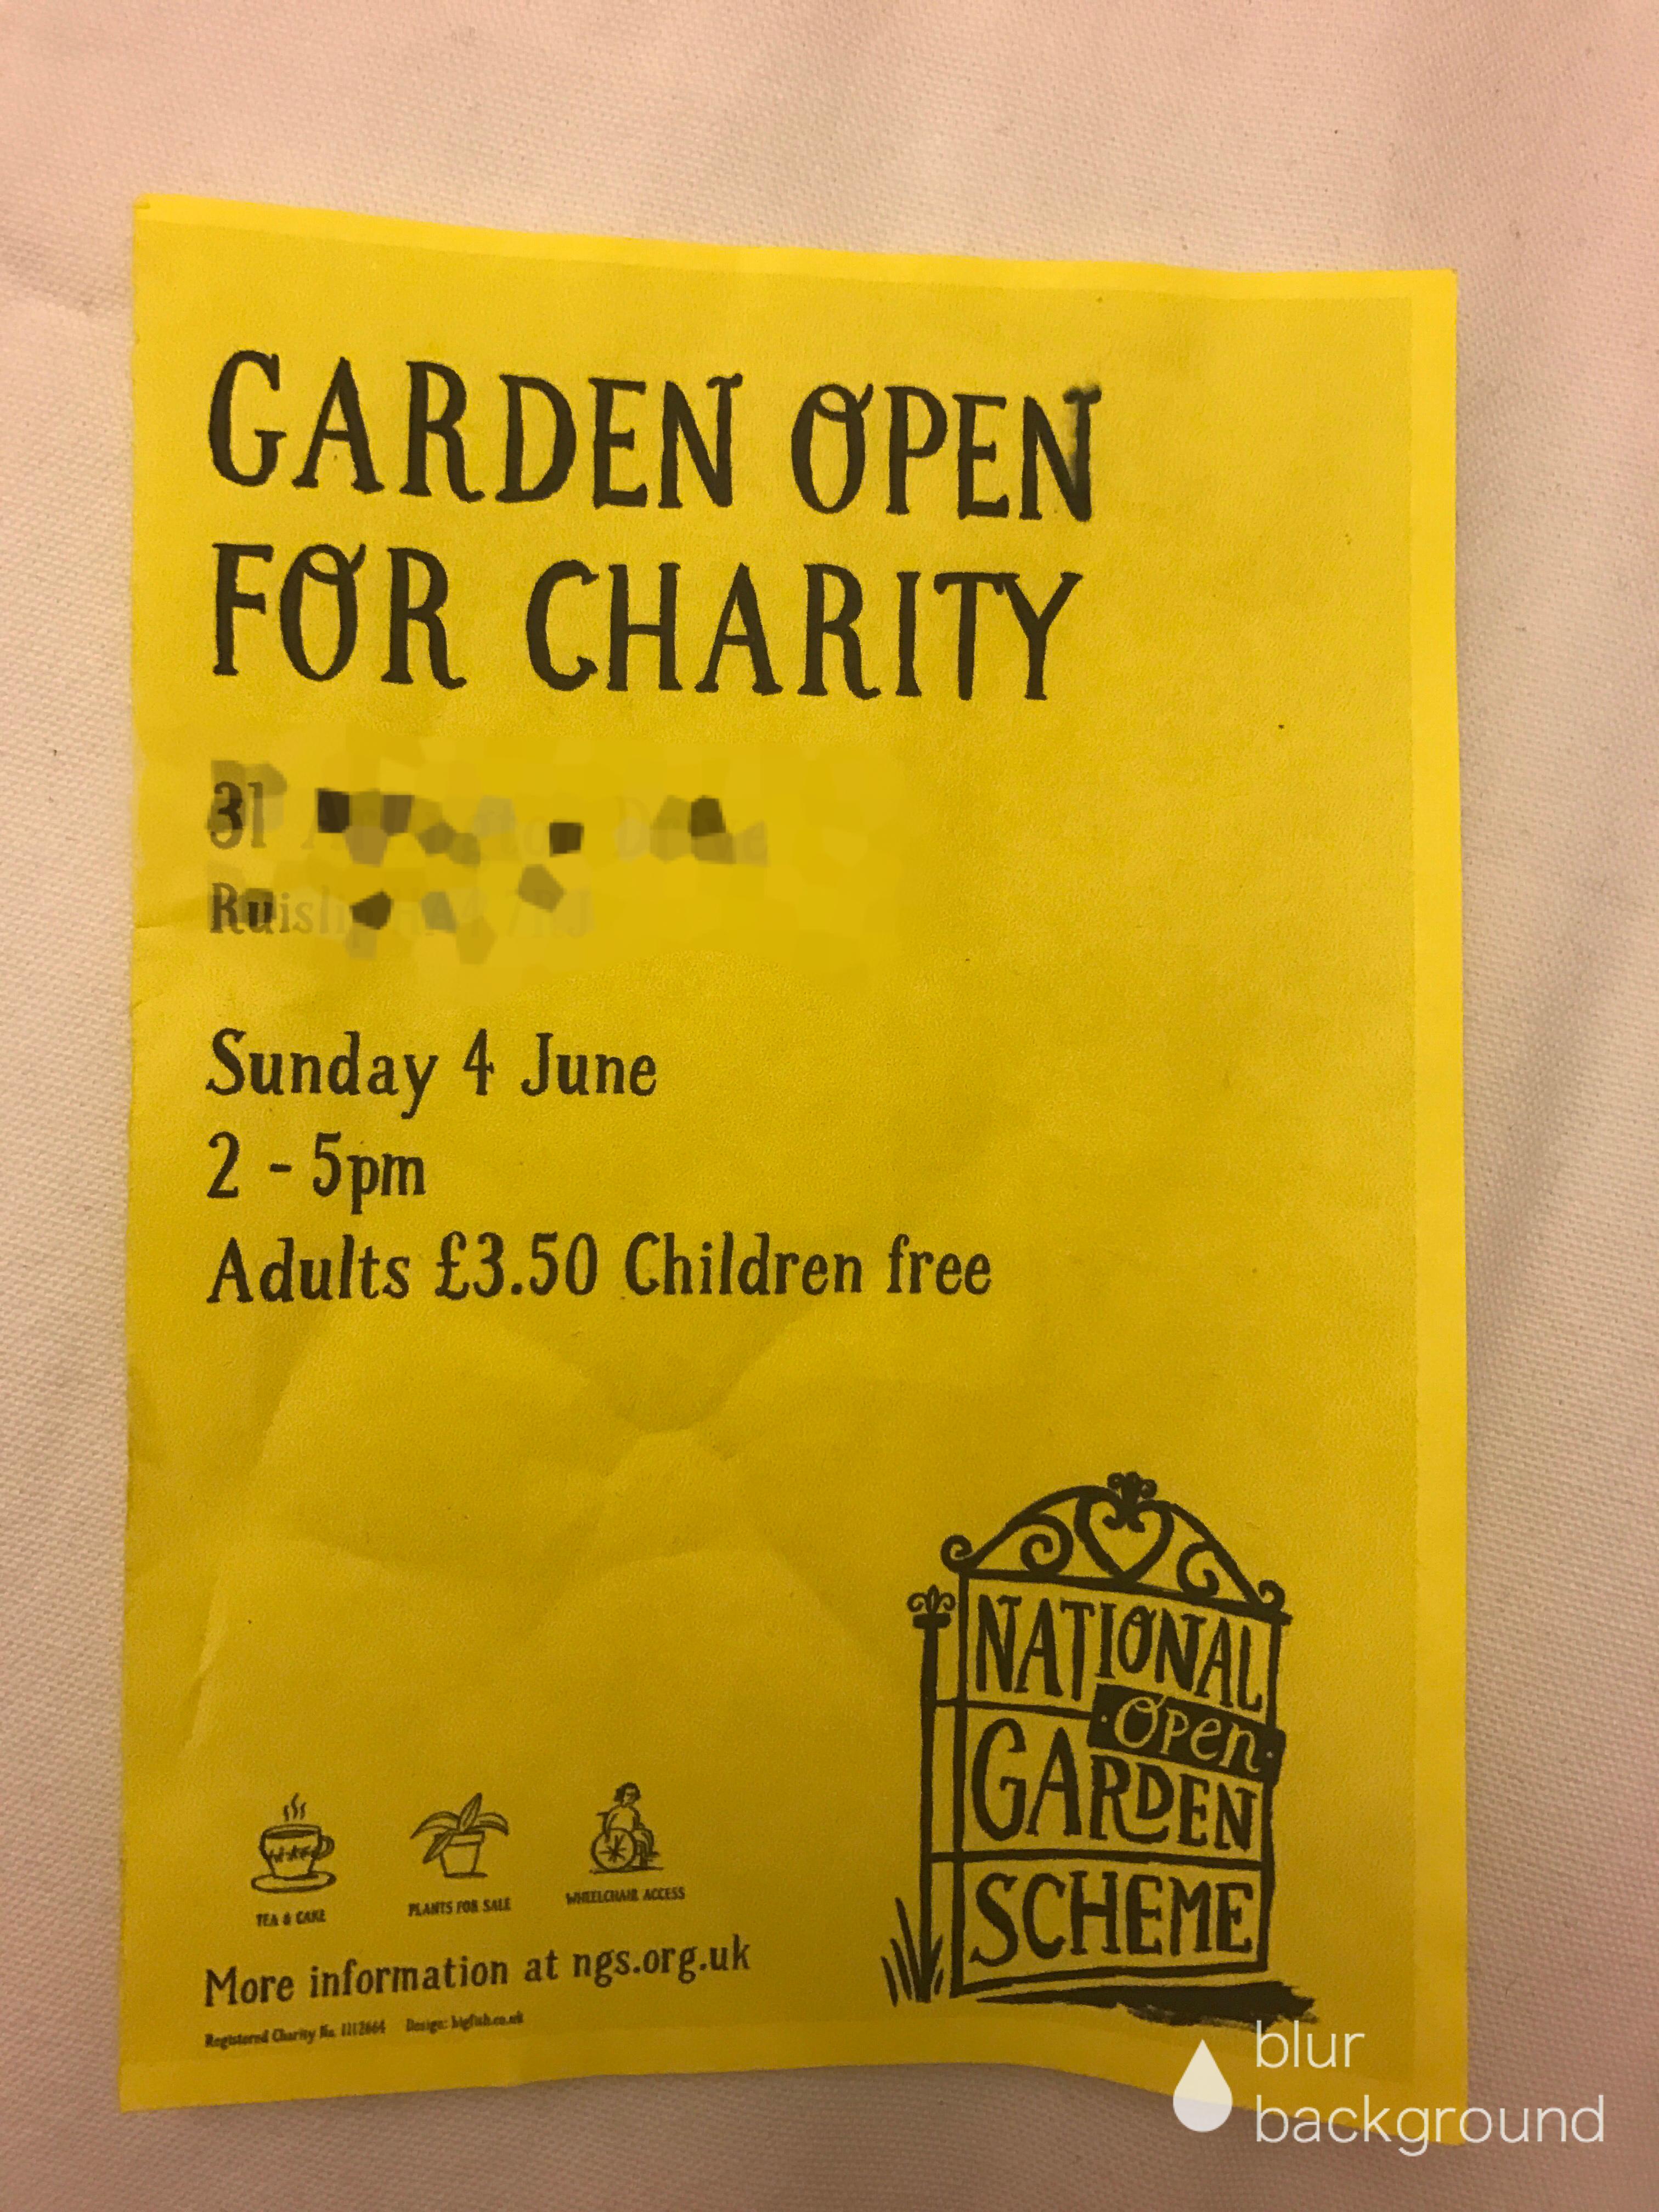 チャリティ イギリスの庭